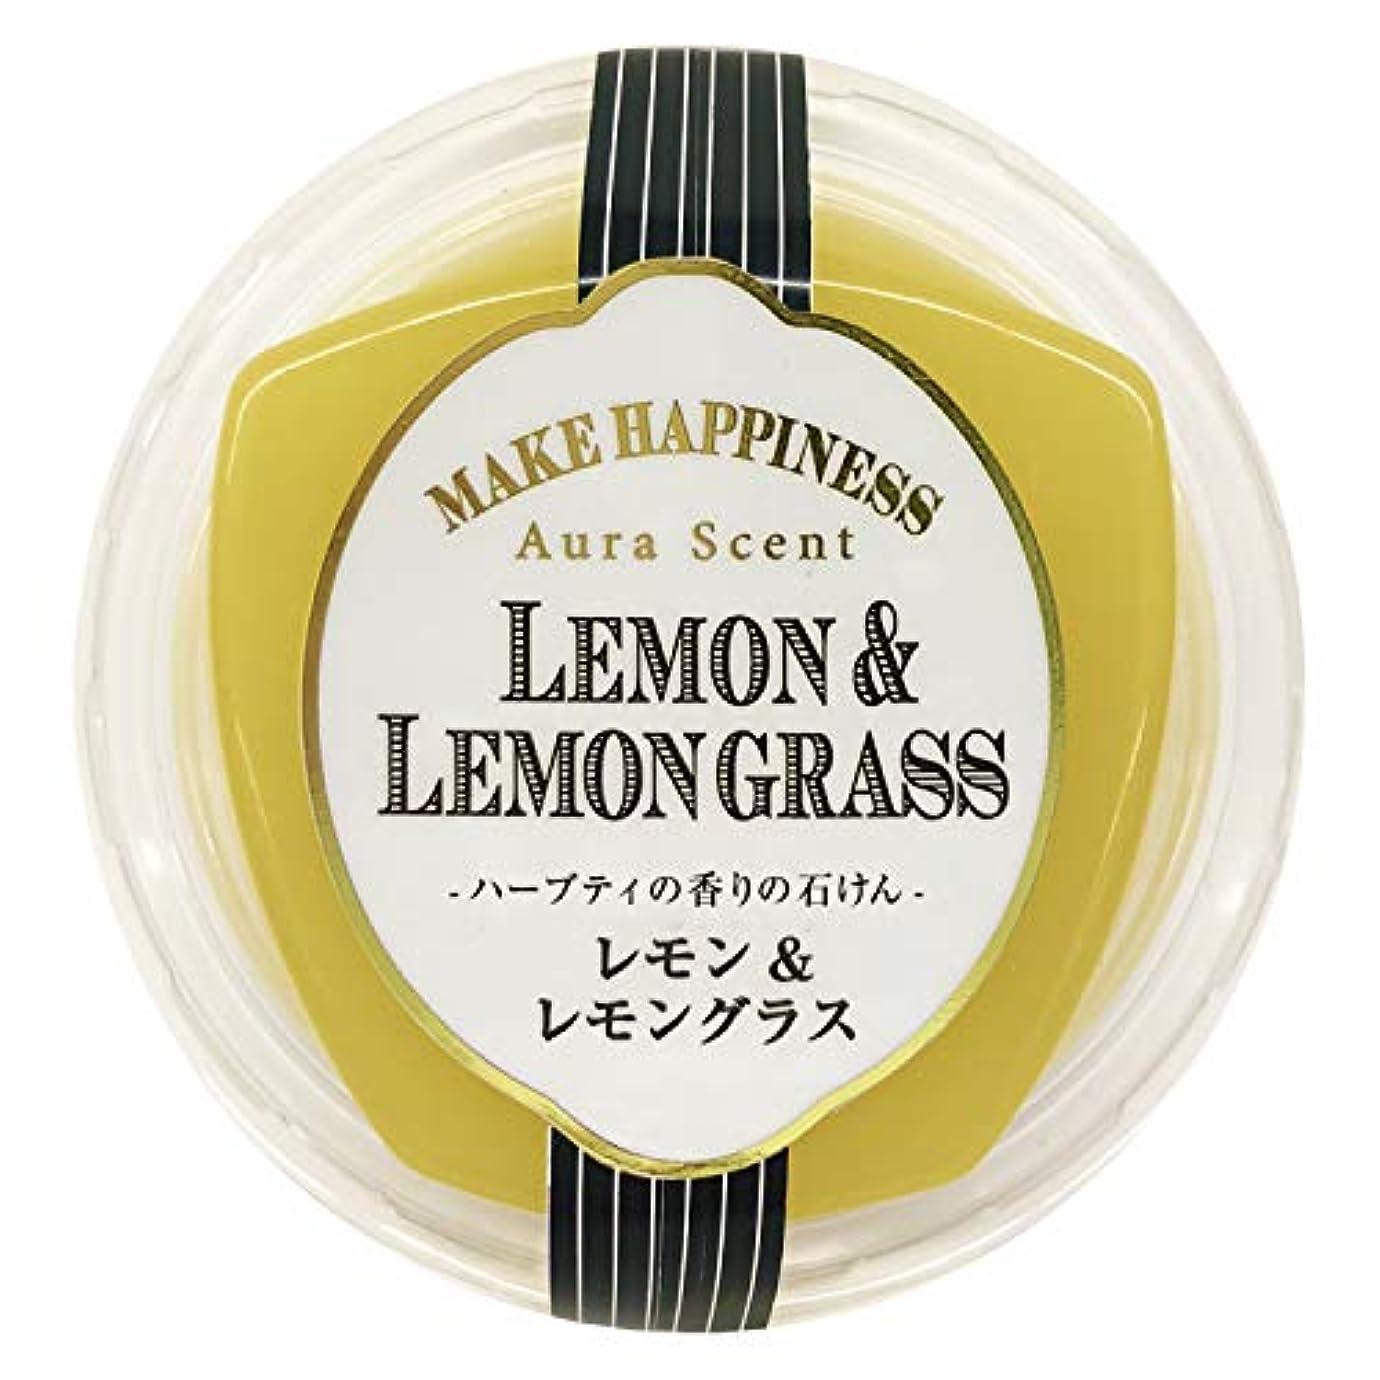 移住する変化恐怖ペリカン石鹸 オーラセント クリアソープレモン&レモングラス 75g